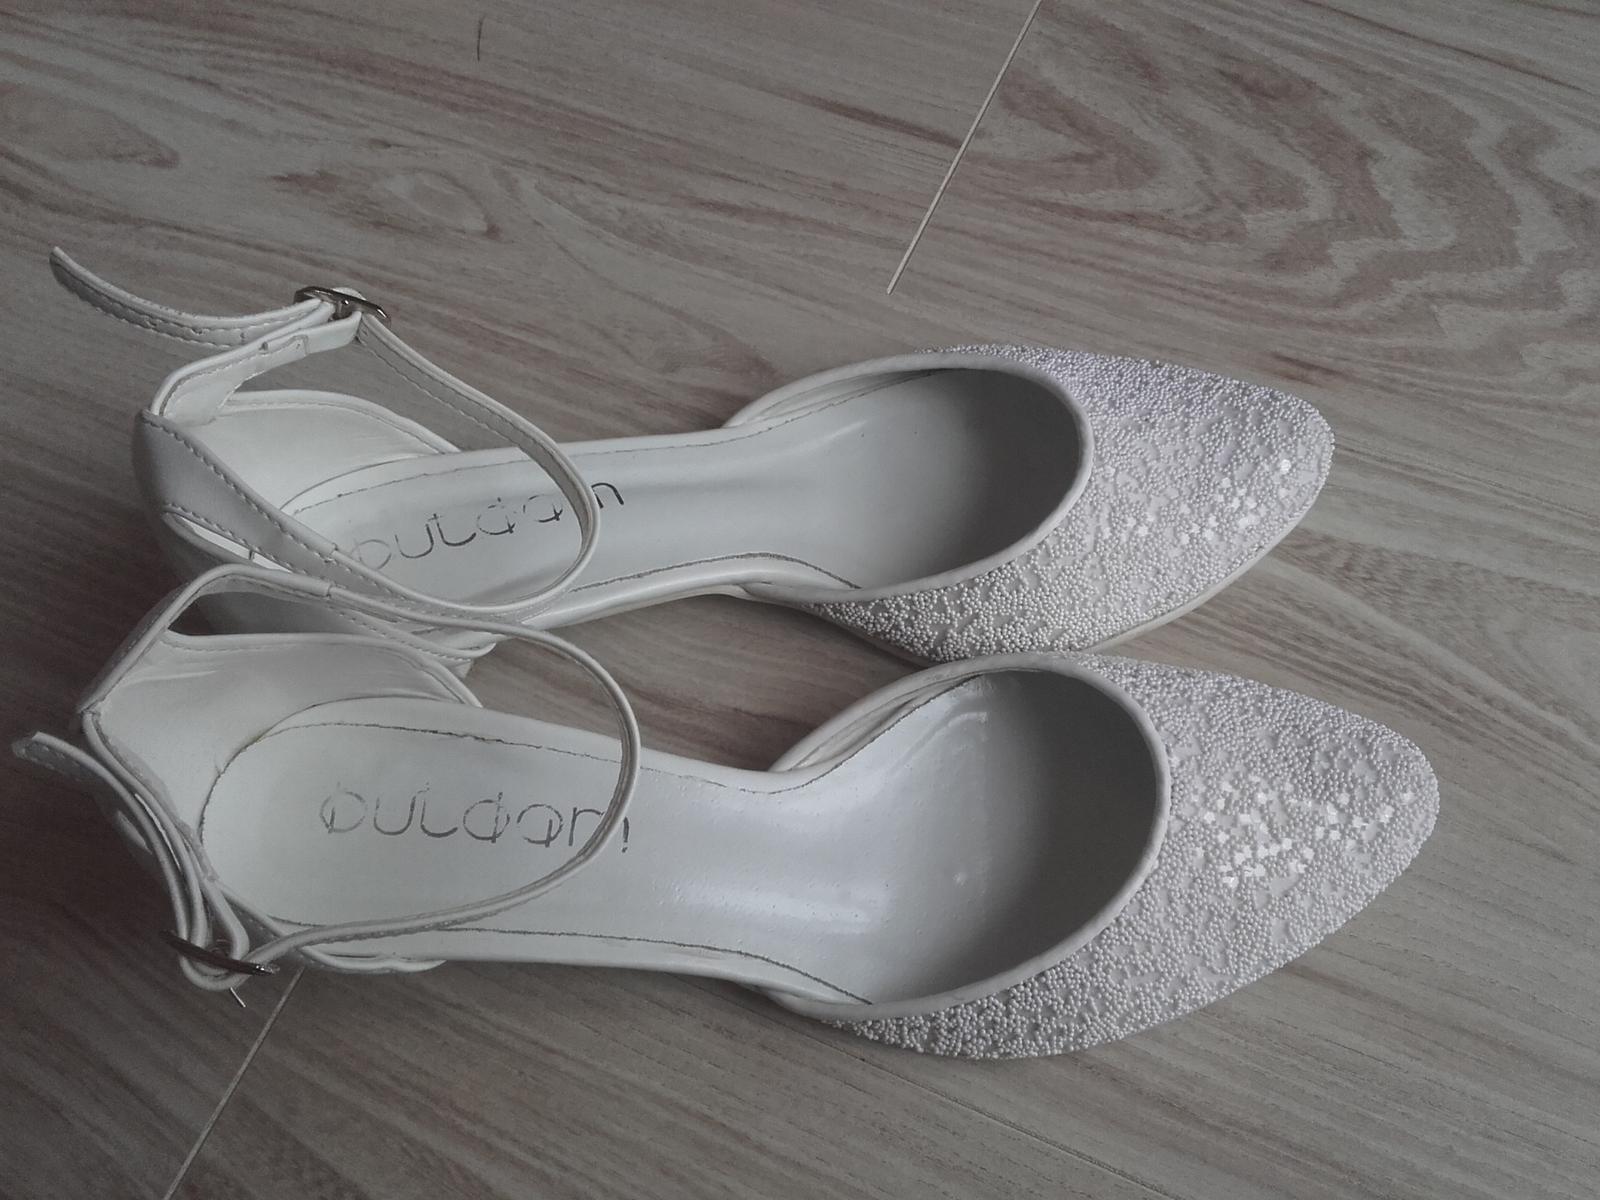 Bílé střevíčky s perličkami, vel. 39, nízký podpatek - Obrázek č. 2